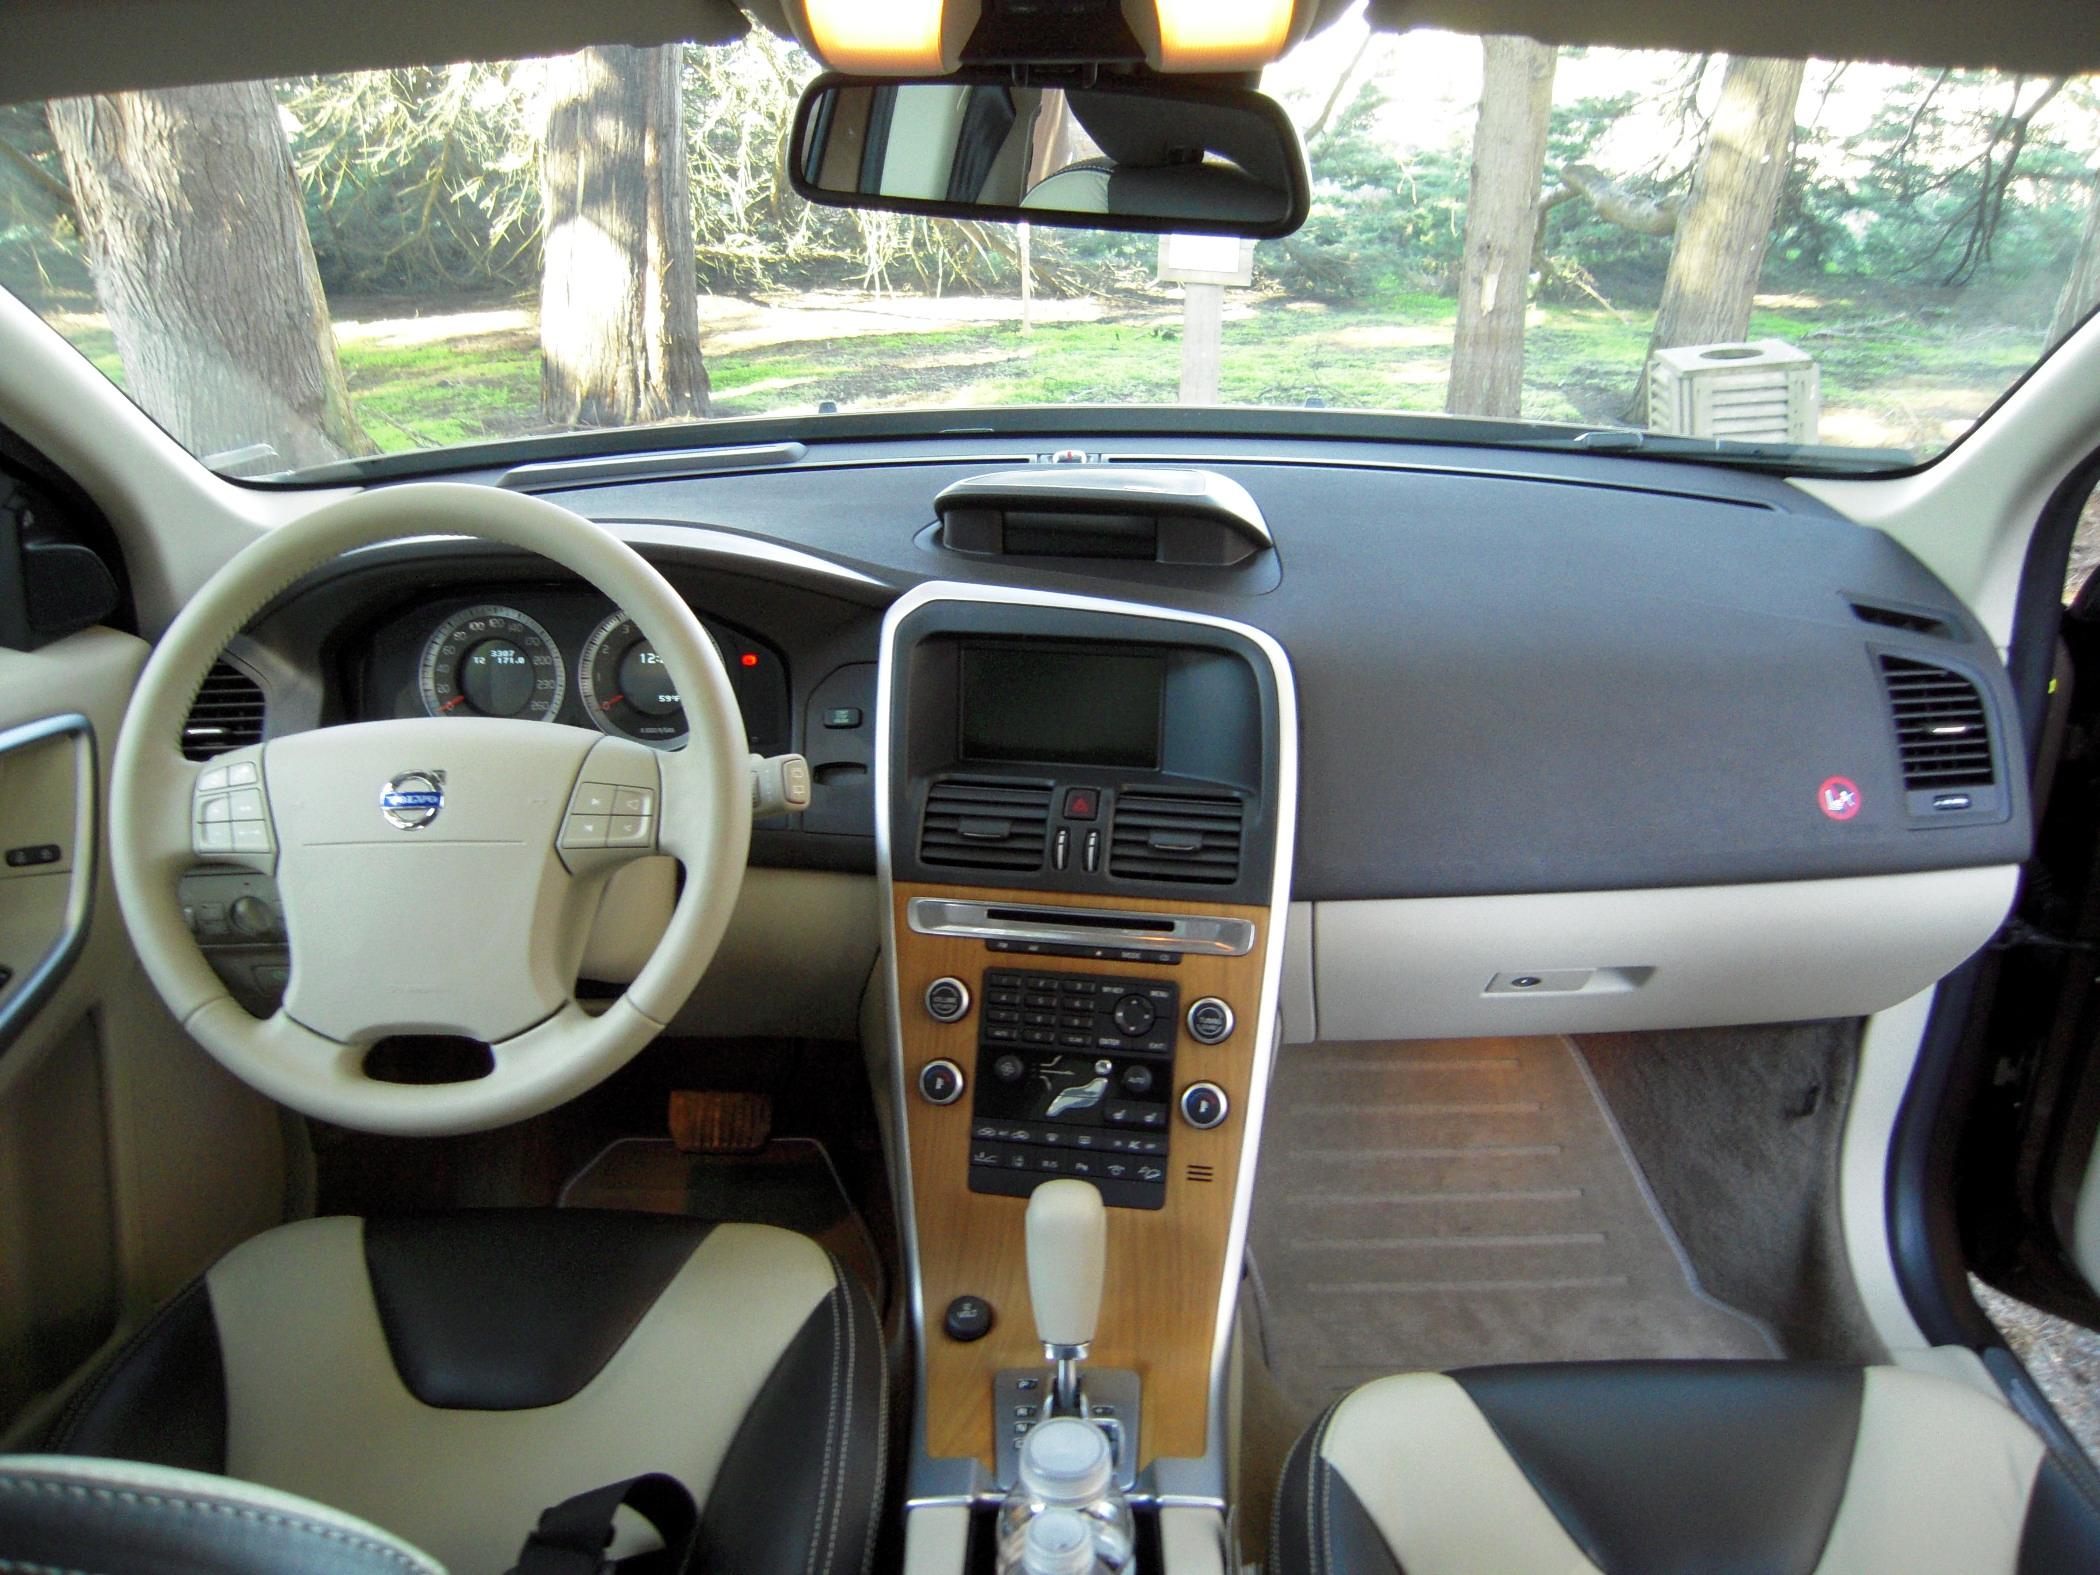 2010 Volvo Xc60 Image 17